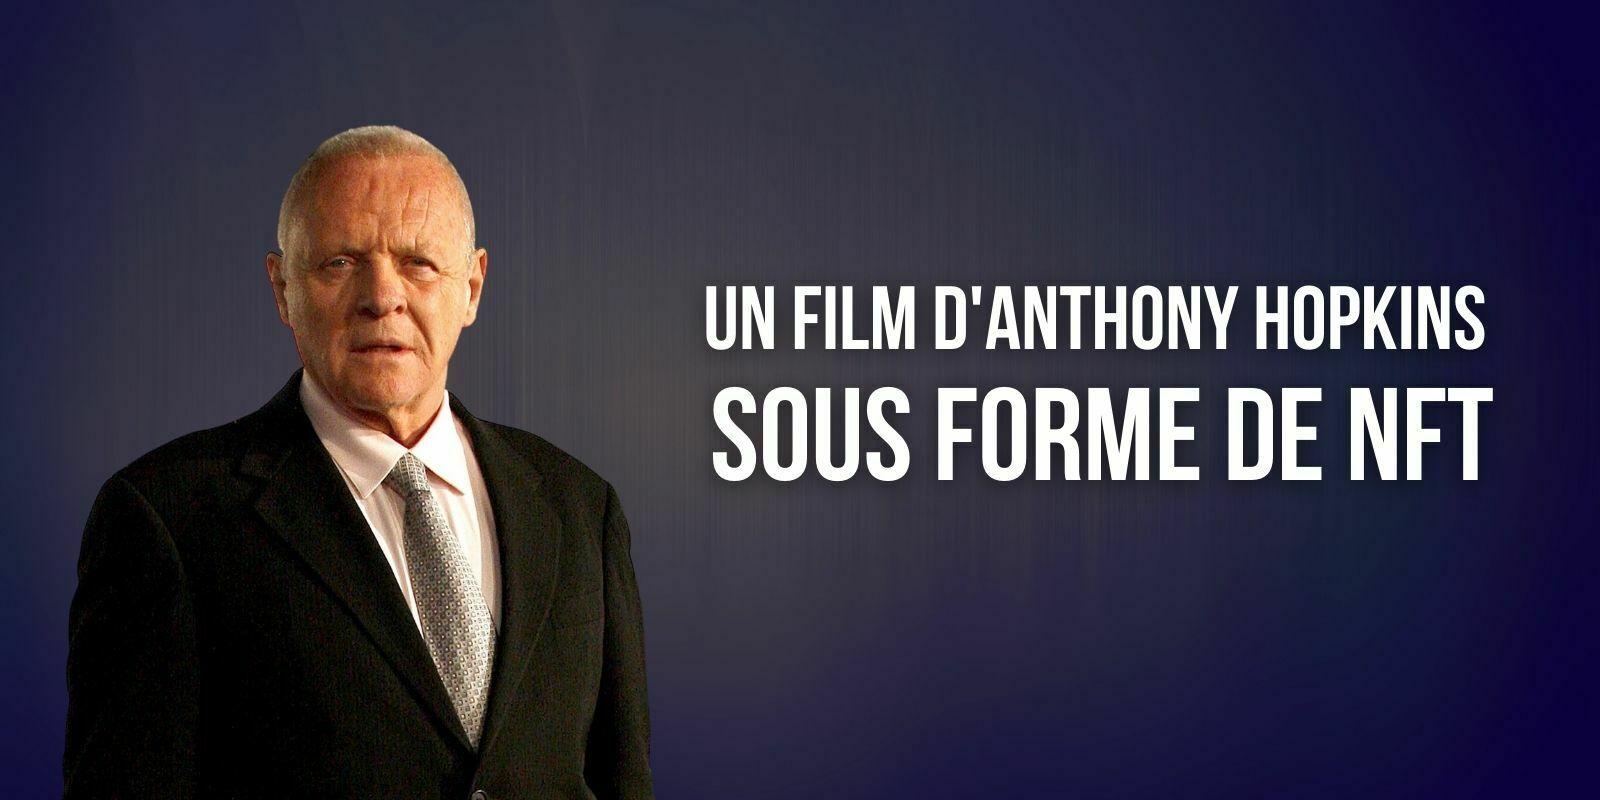 Le prochain film de l'oscarisé Anthony Hopkins « Zéro Contact » sera un NFT